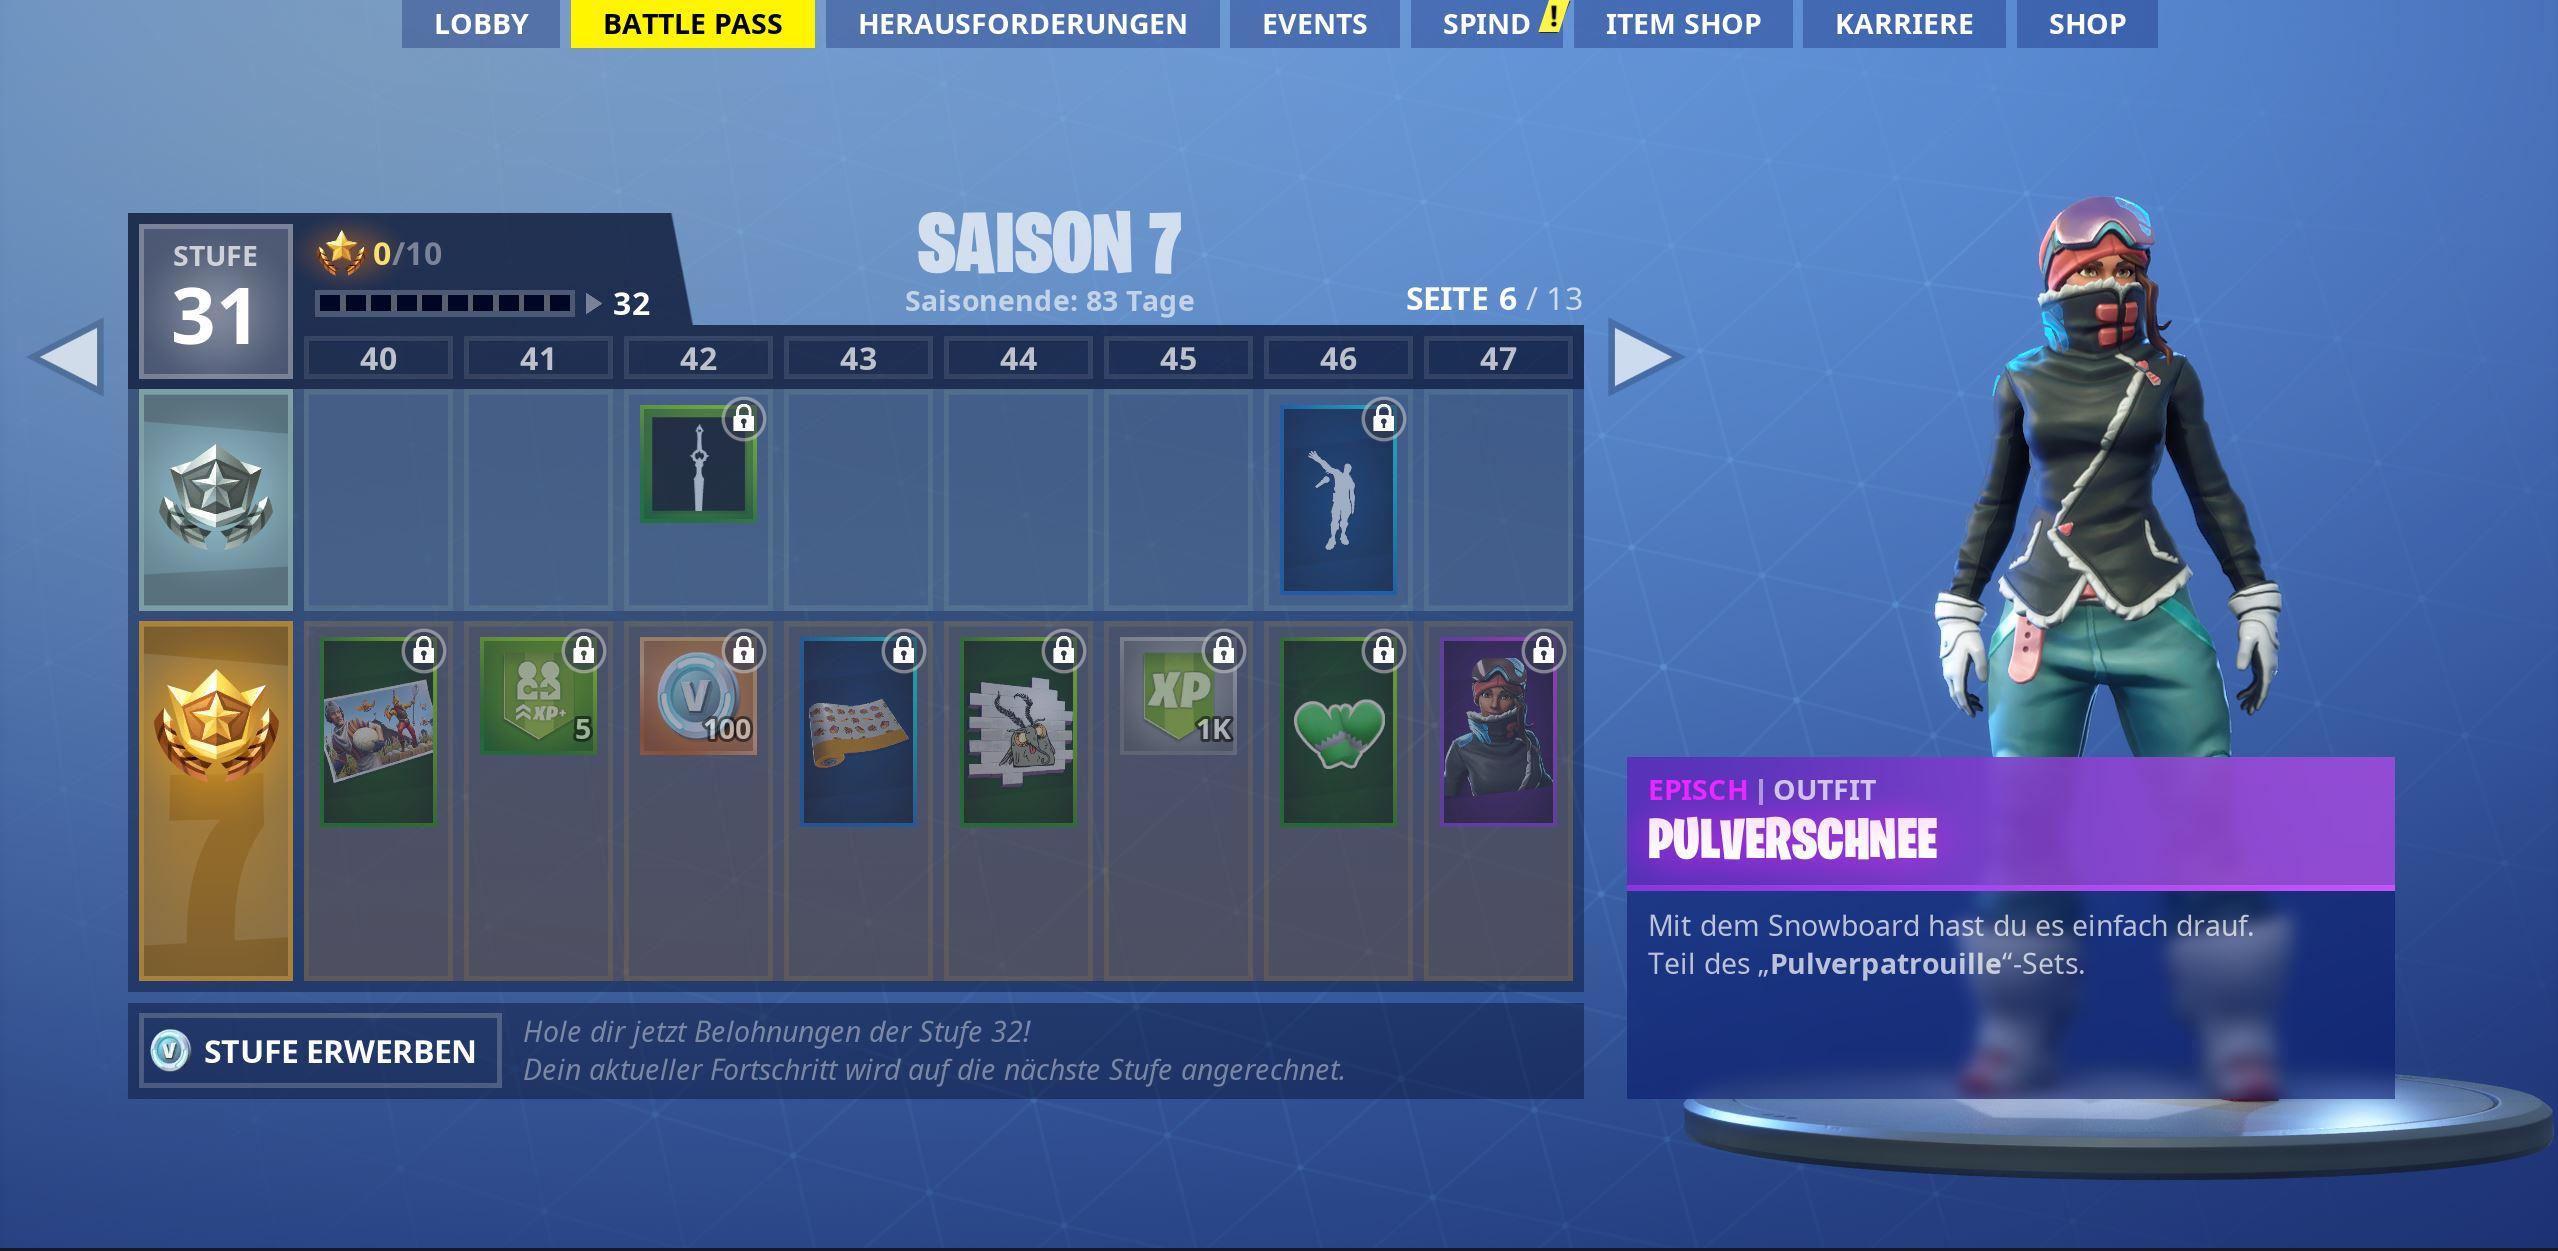 Battle Pass Alle Skins Und Belohnungen Der Season 7 In Fortnite